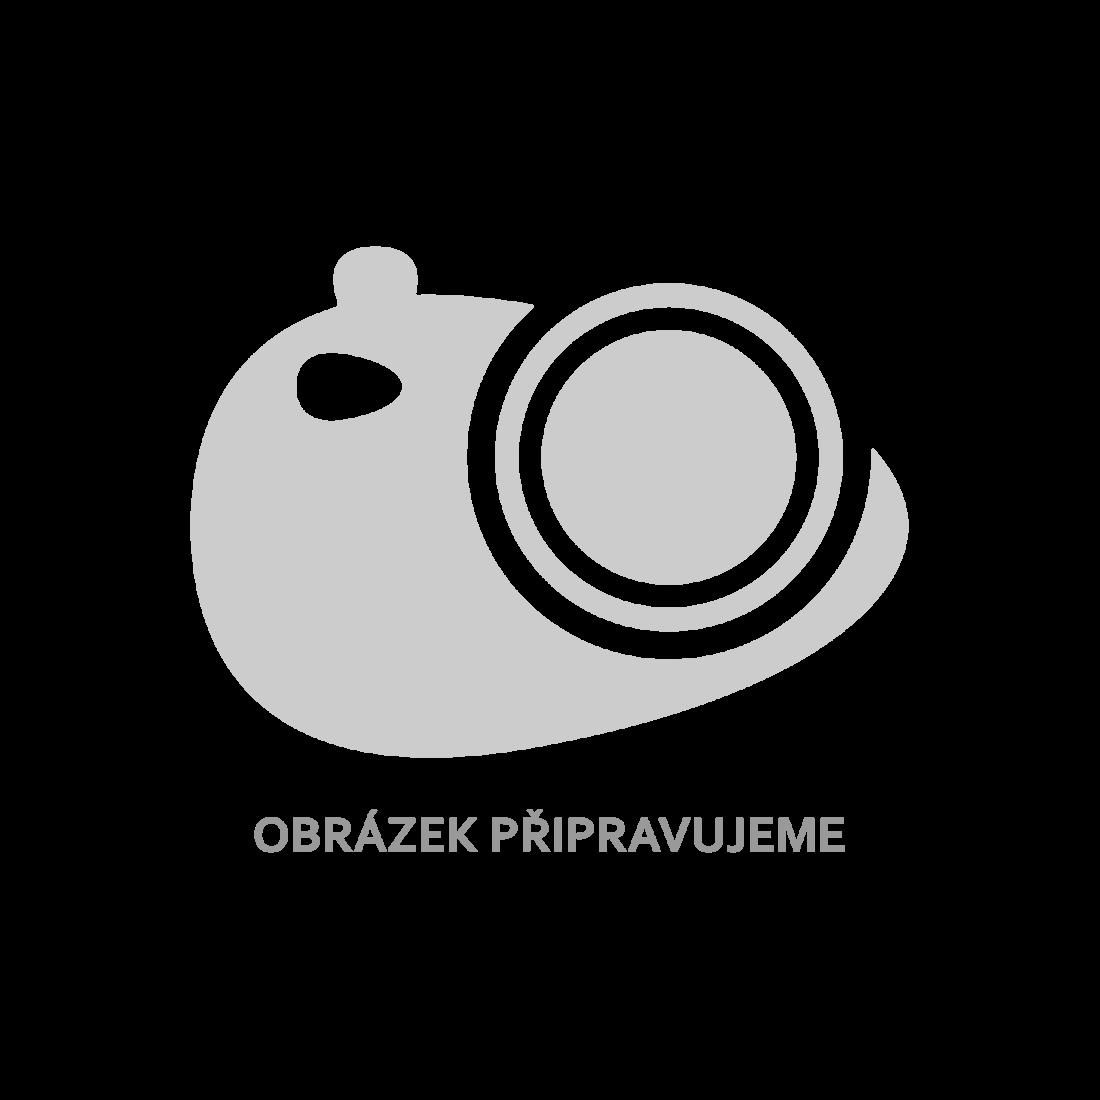 vidaXL Jídelní stůl černý 120 x 60 x 75 cm tvrzené sklo [281852]